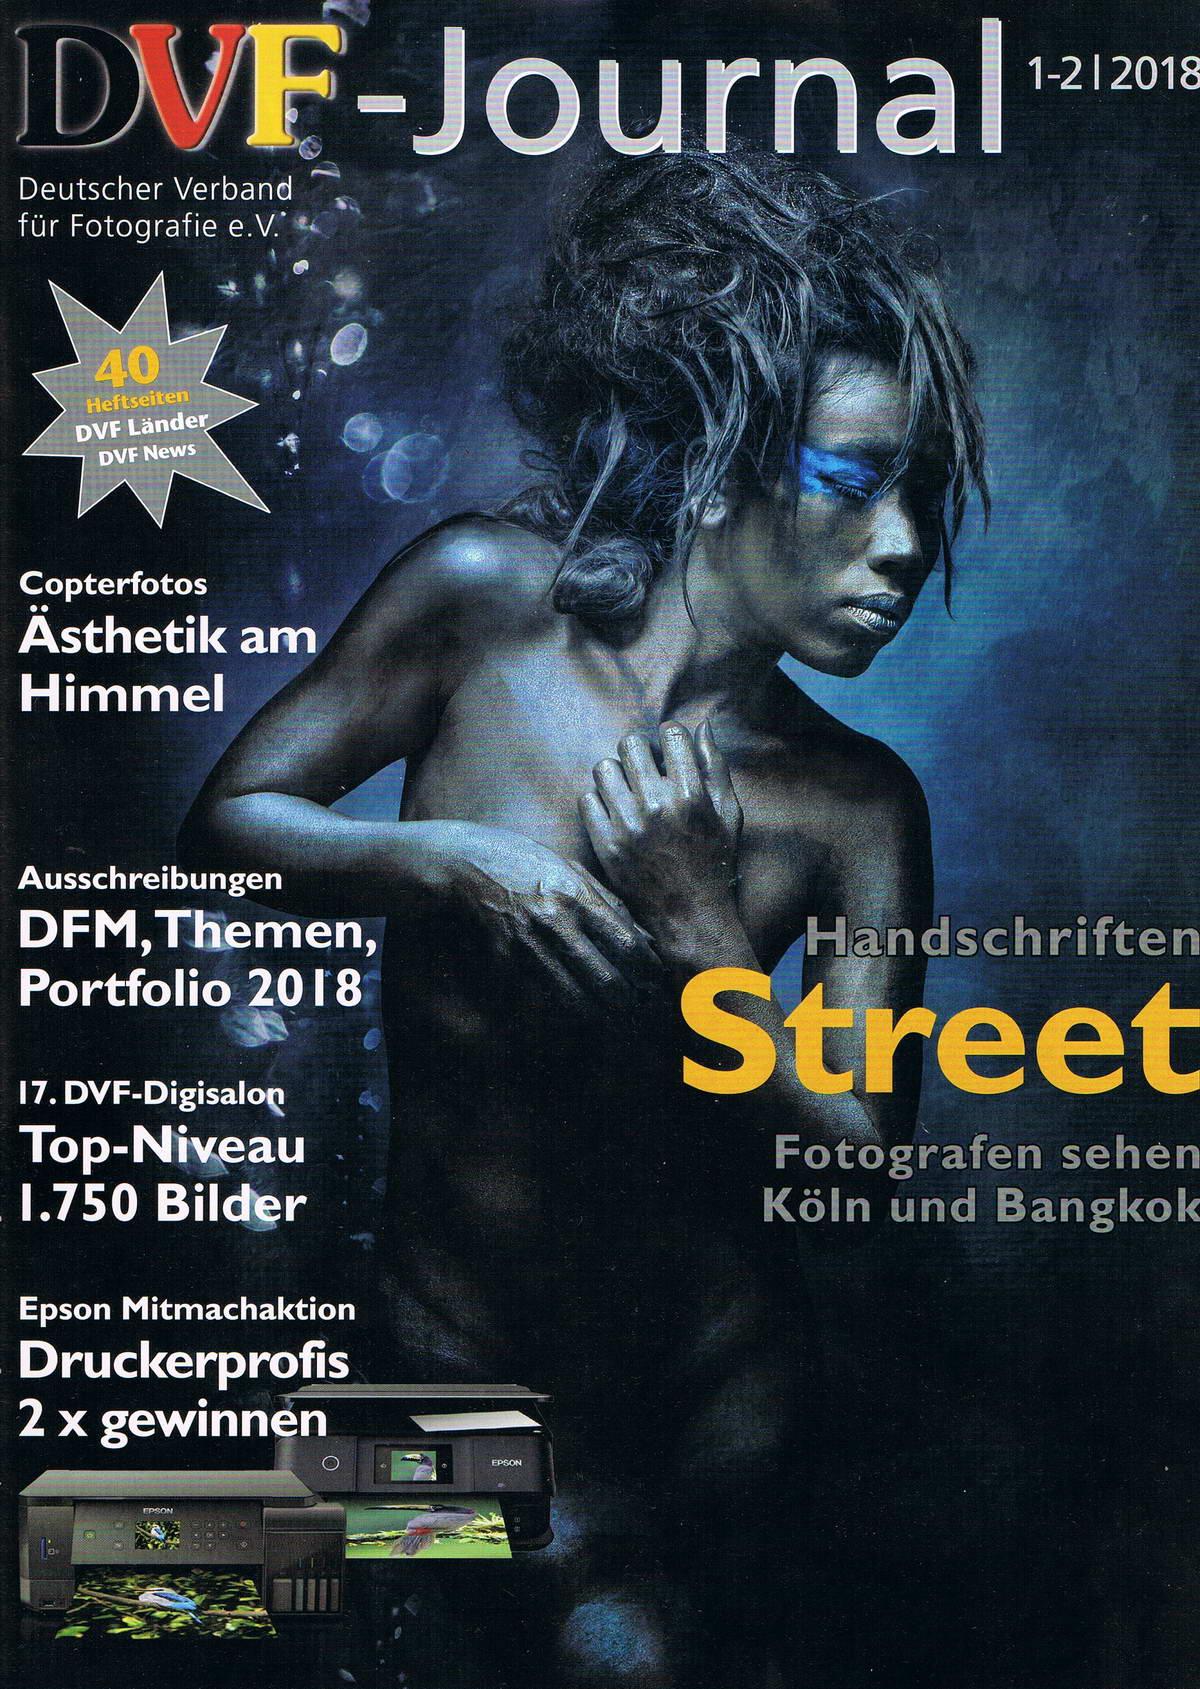 DVF Journal 01 2018 Titelseite Neu konv